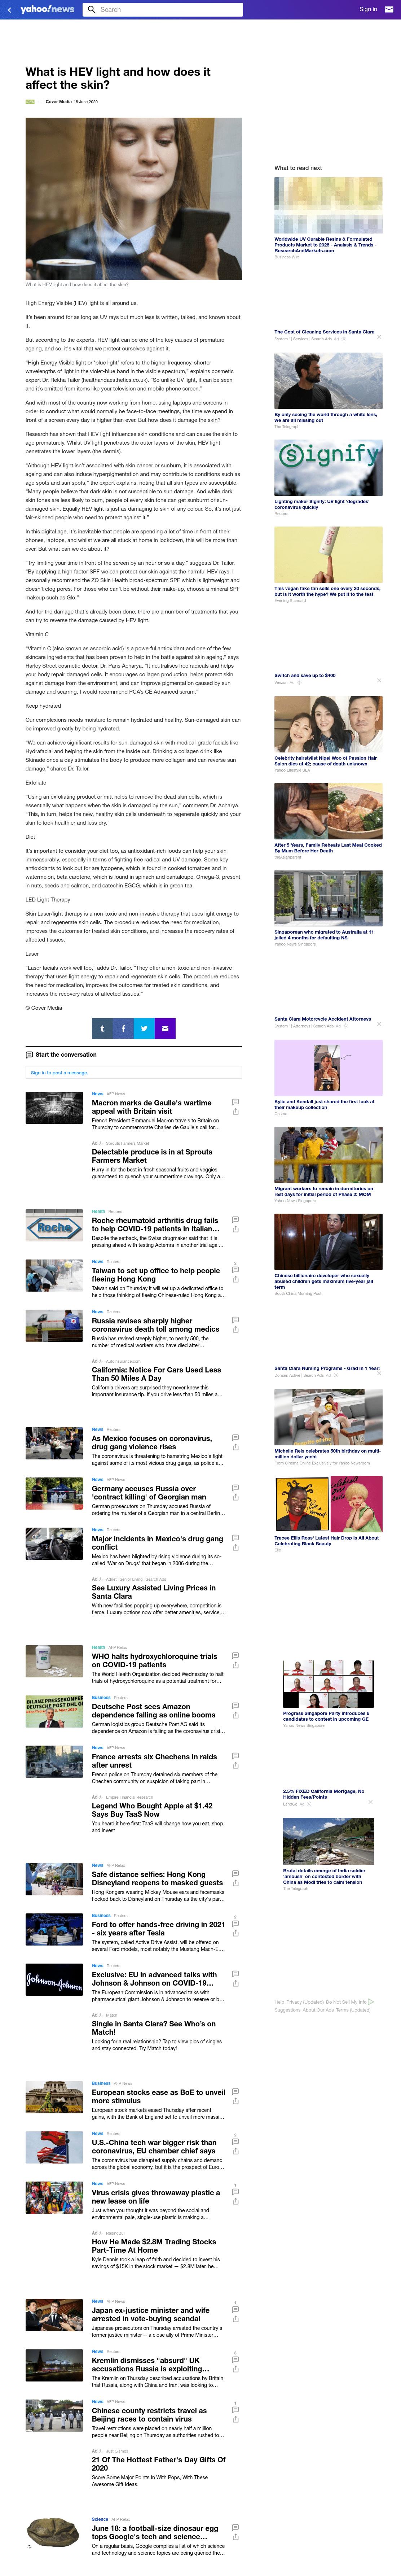 Yahoo News - June 2020